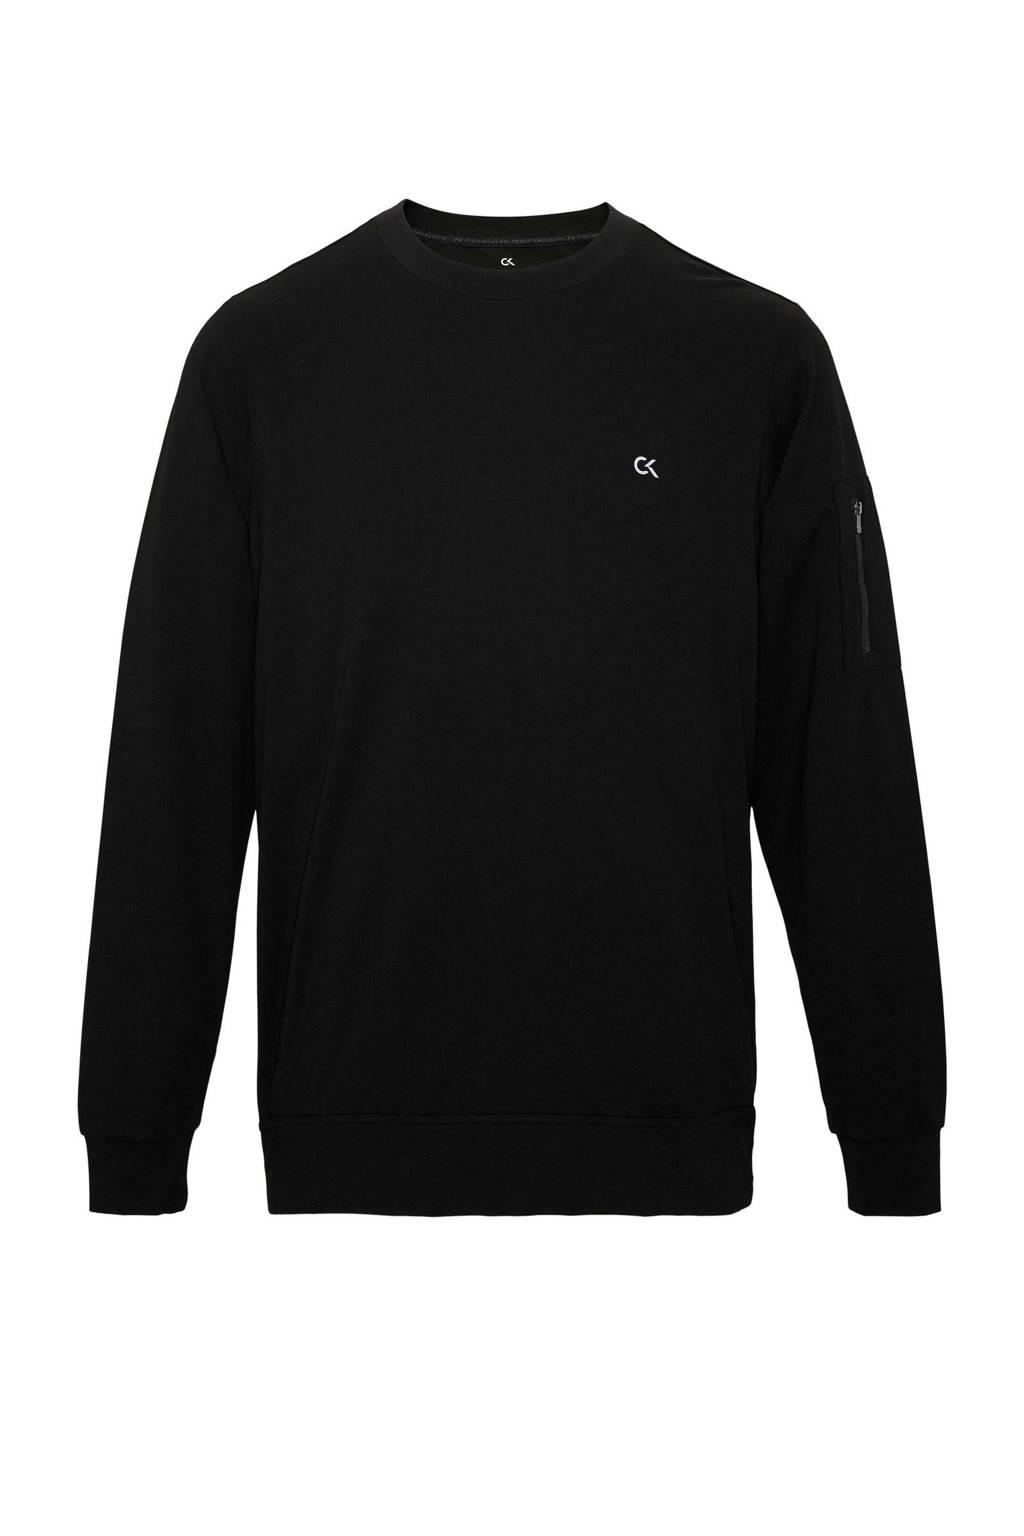 Calvin Klein   sportsweater grijs melange, Zwart